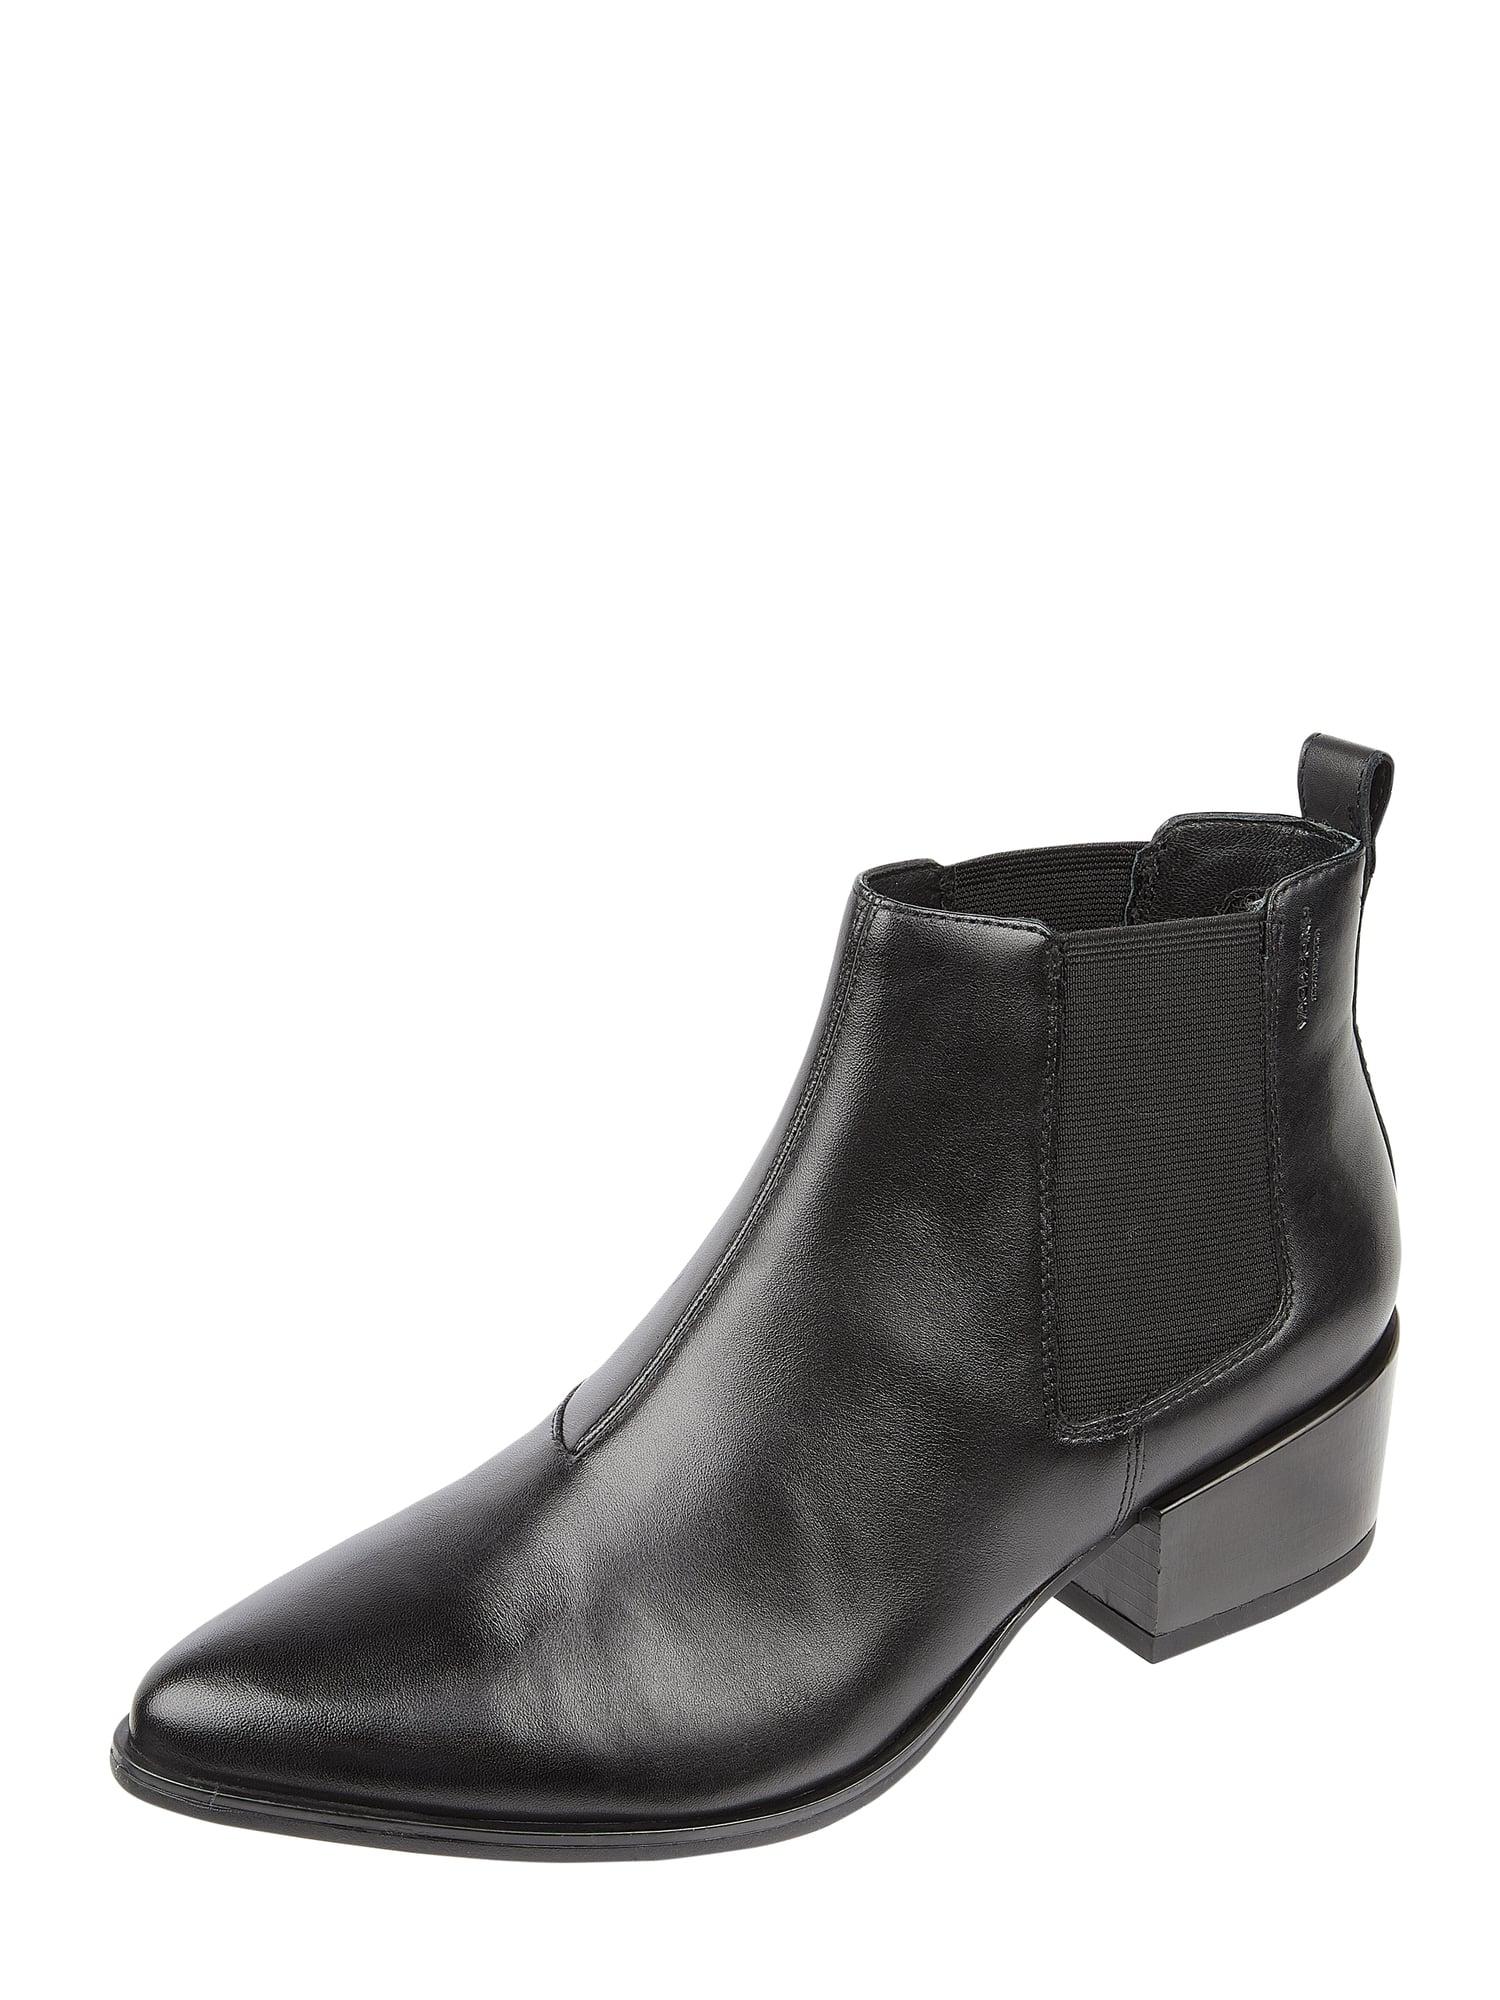 Vagabond Chelsea Boots Aus Leder In Grau / Schwarz Online Kaufen (4023050)  ▷ P&c Online Shop destiné L'esprit Vagabond